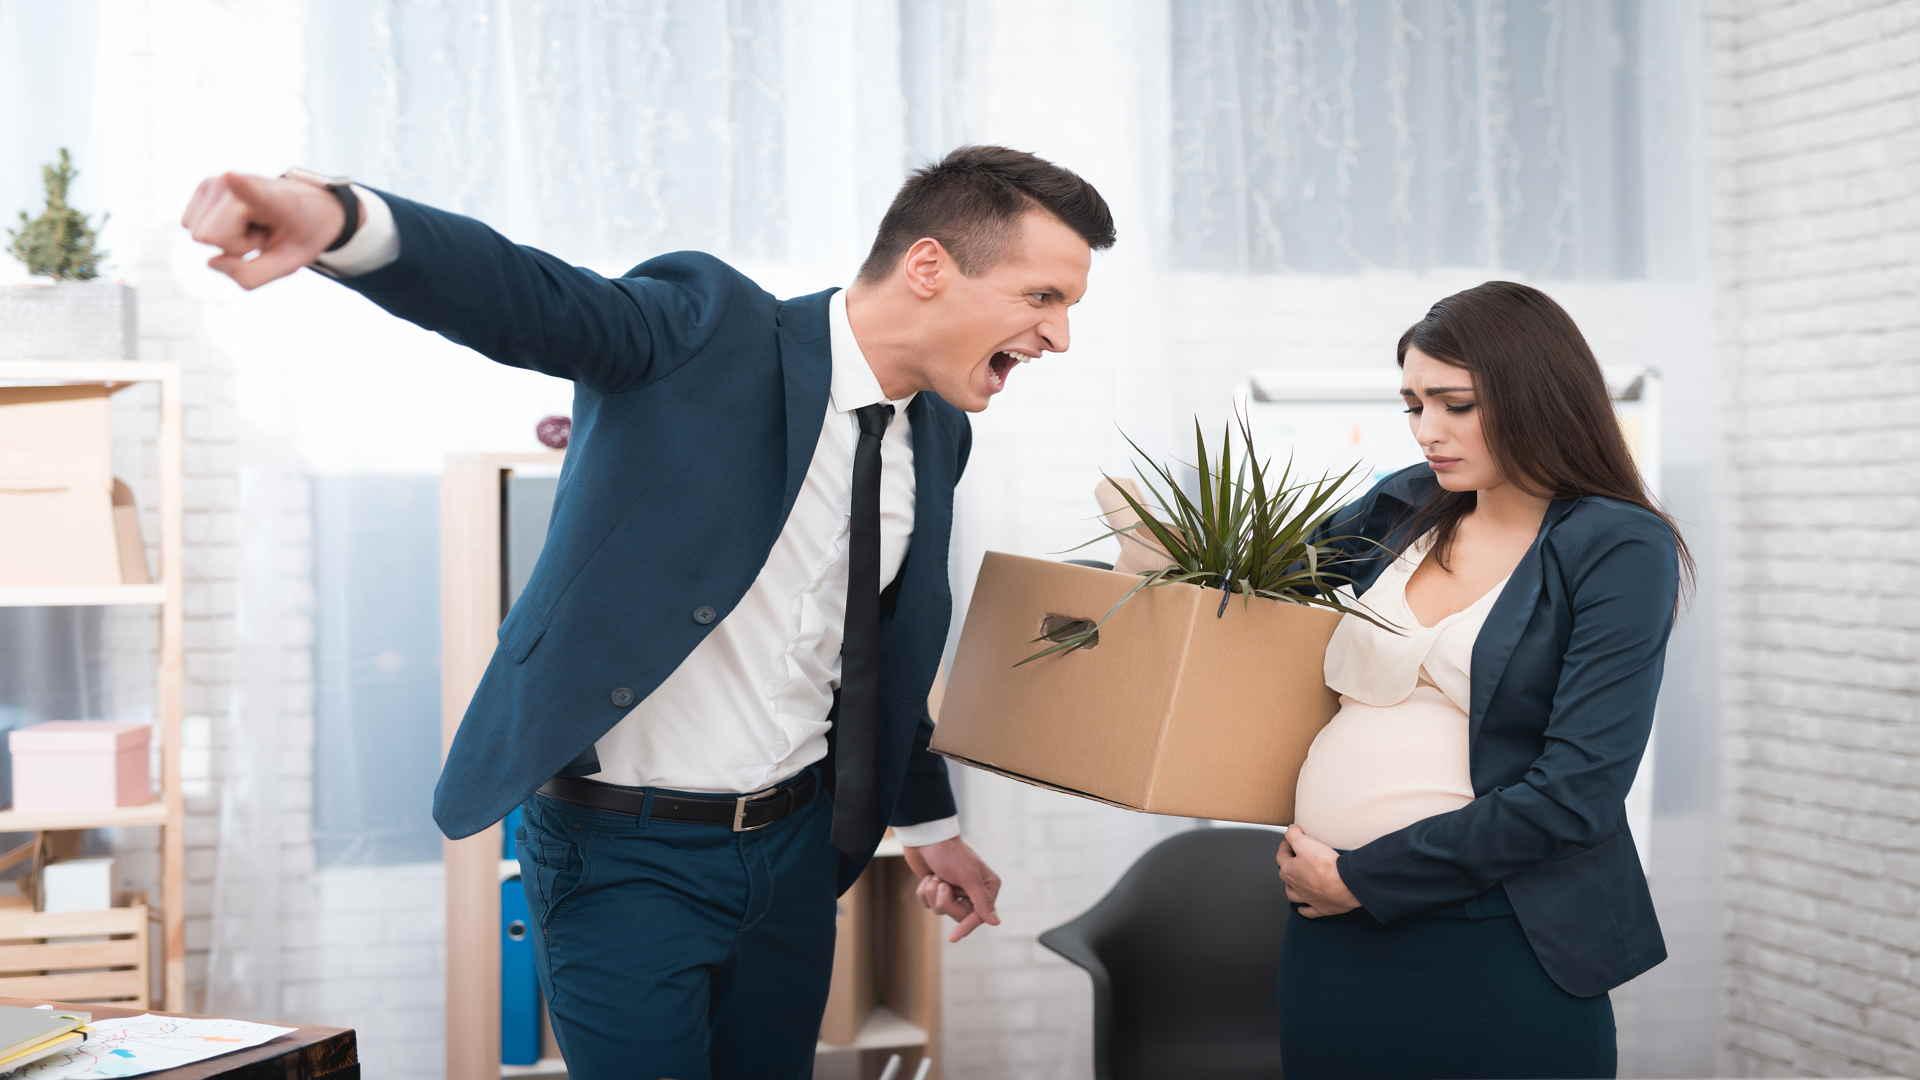 אישה בהריון מפוטרת מהעבודה